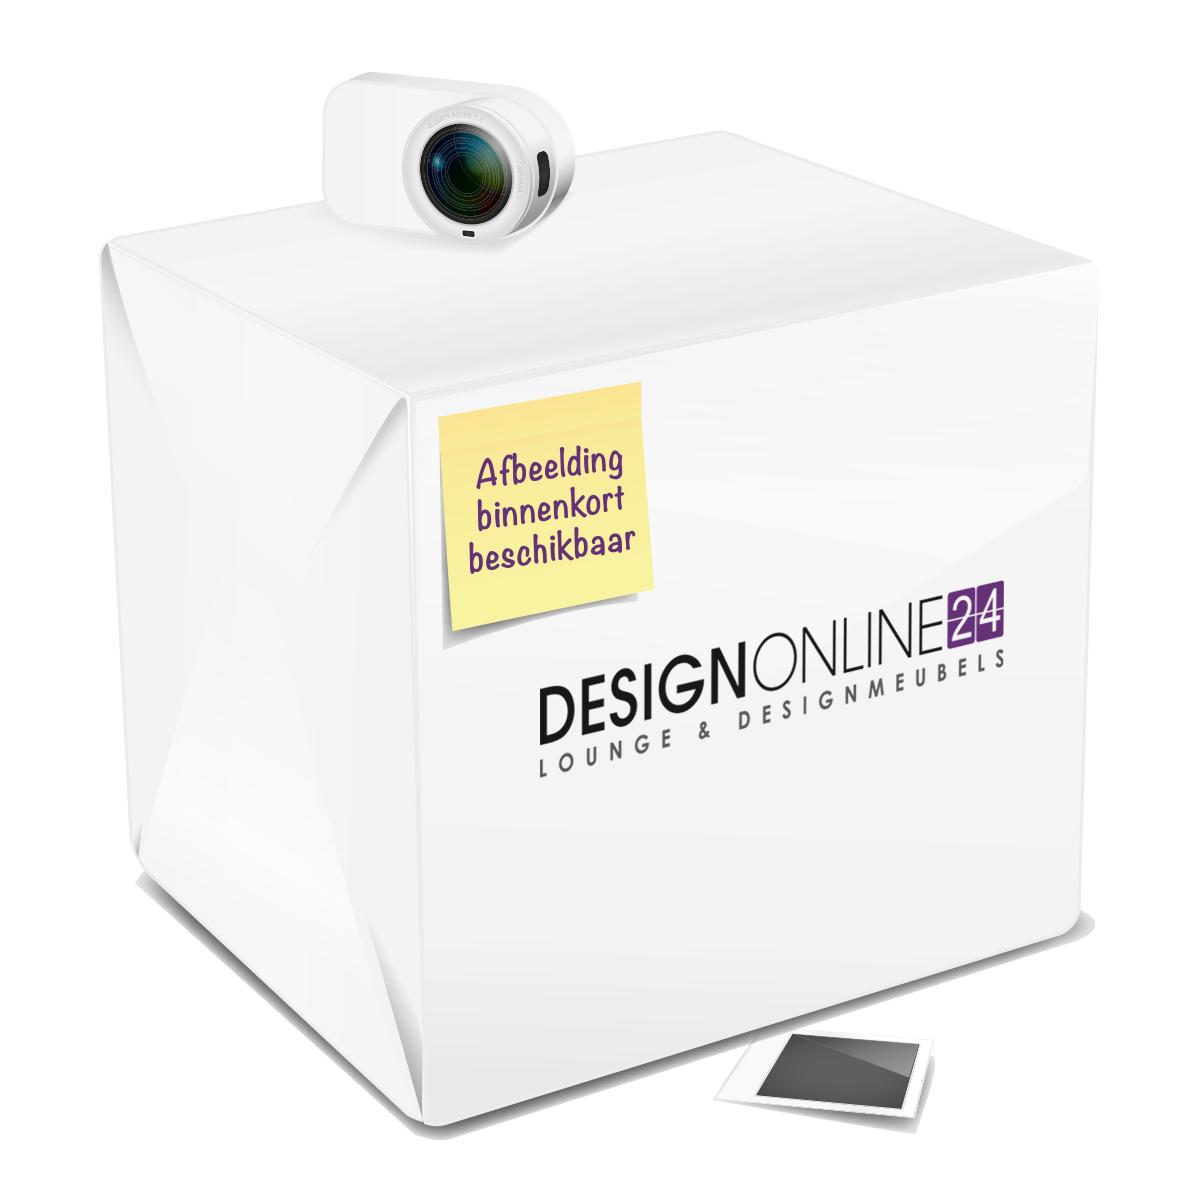 24Designs 24Designs Loungeset 5 Personen - Lucca - Bruin/Grijs Polyrattan Wicker met Creme Witte kussens